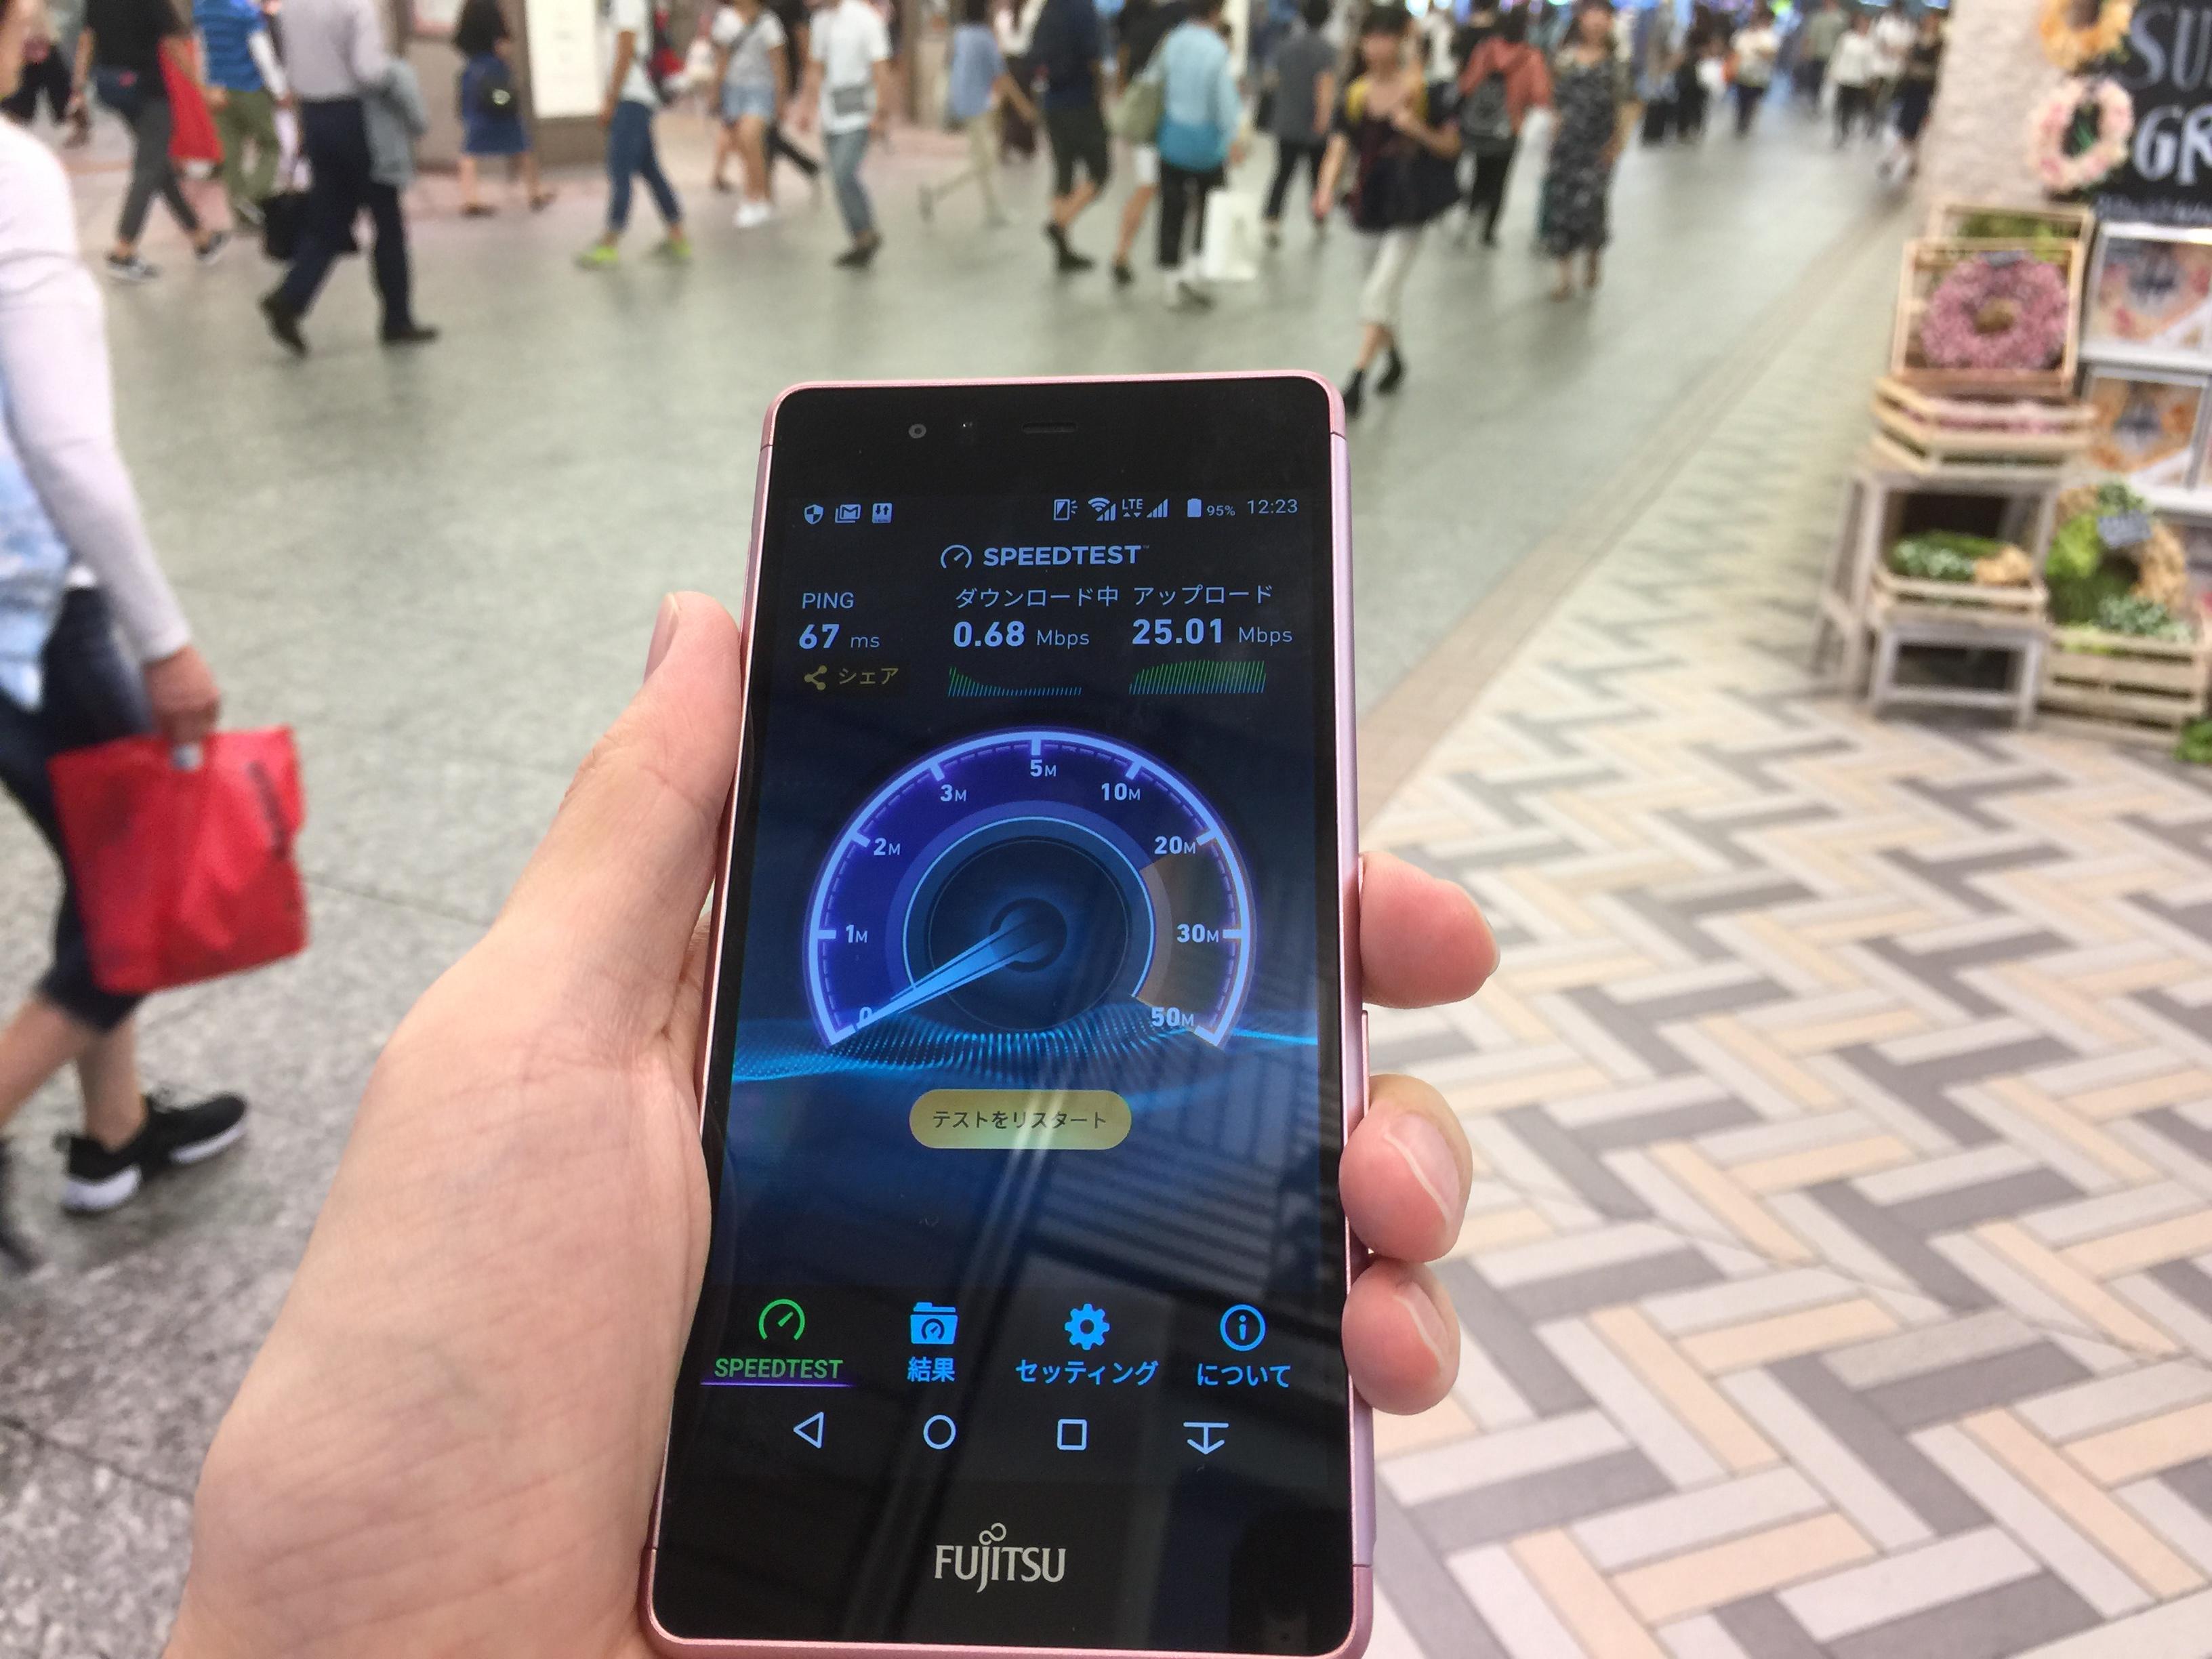 OCNモバイルONEの通信速度 正午